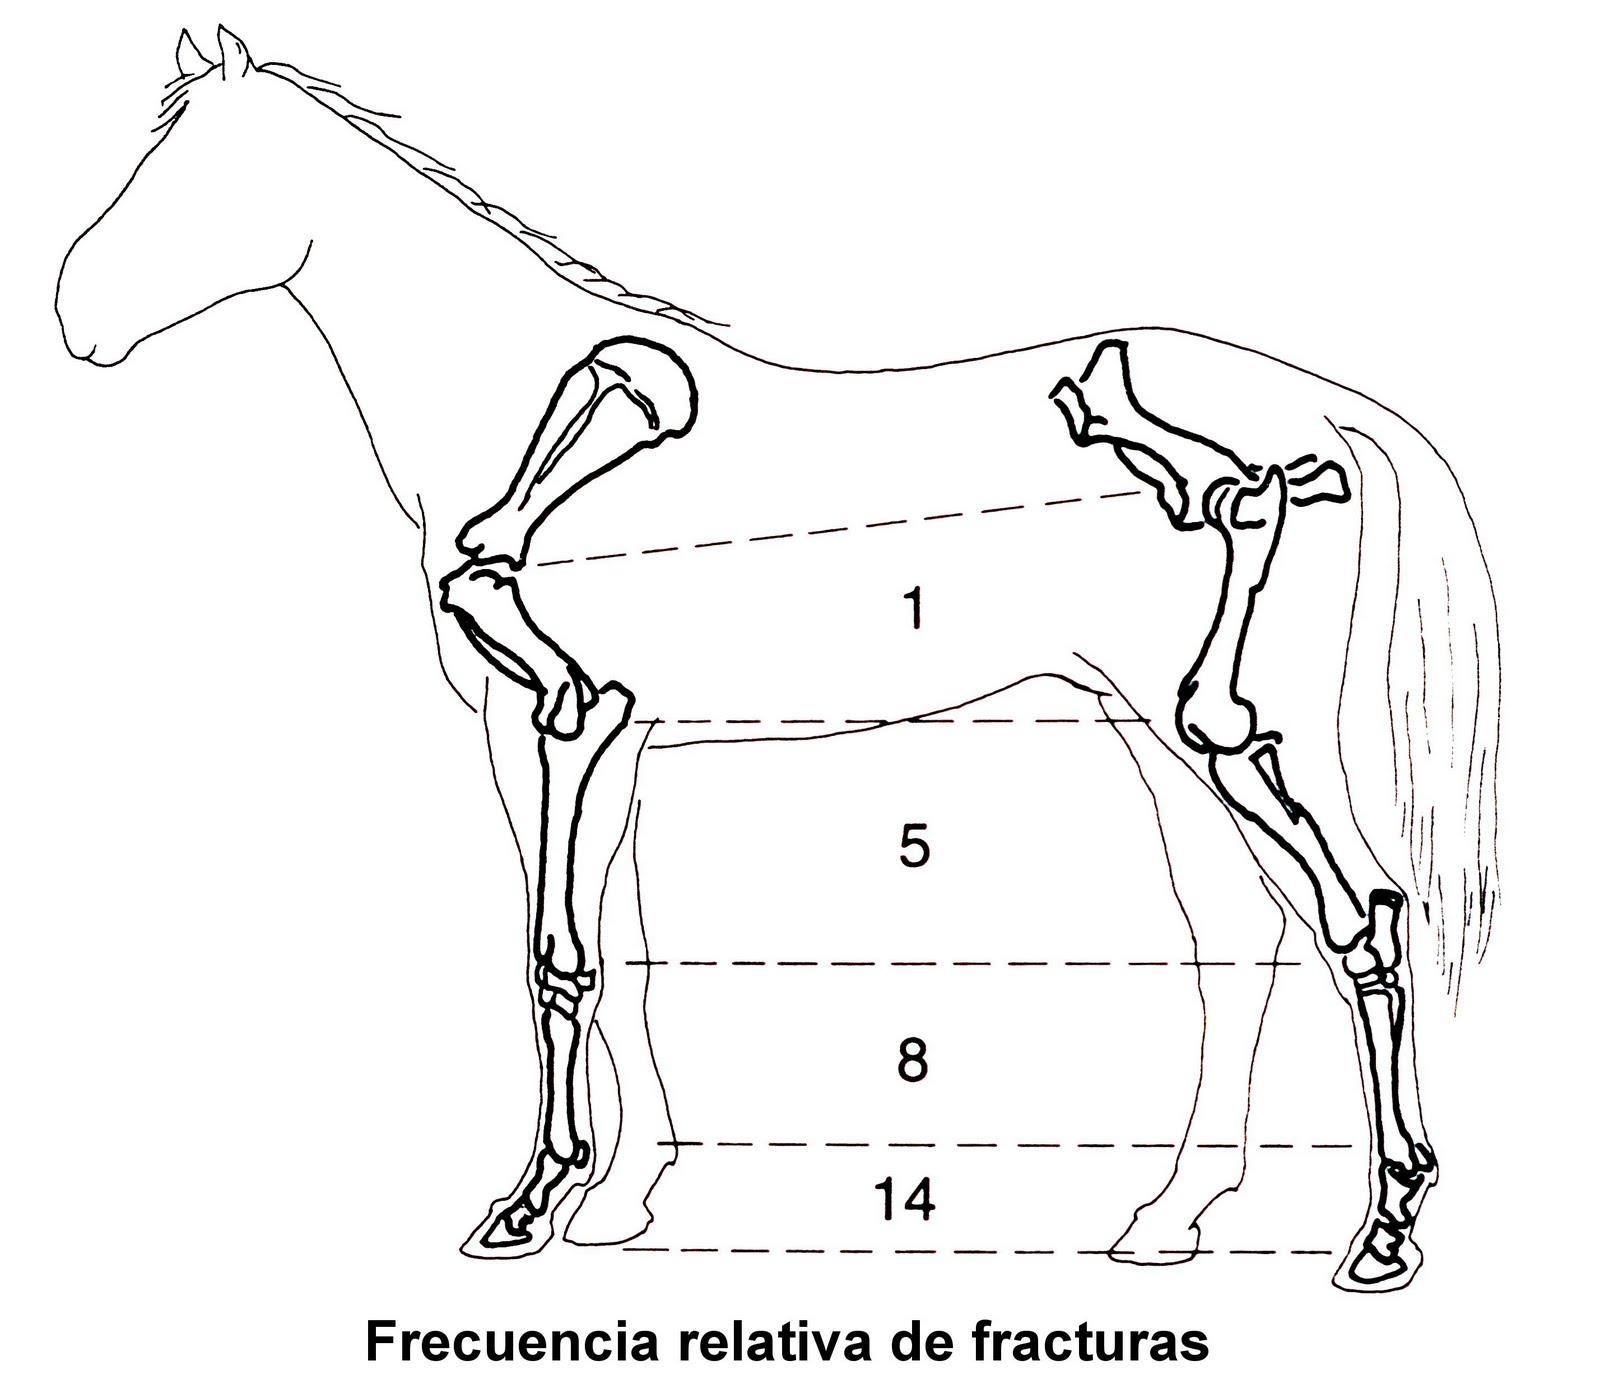 Moderno Anatomía ósea Del Caballo Motivo - Imágenes de Anatomía ...